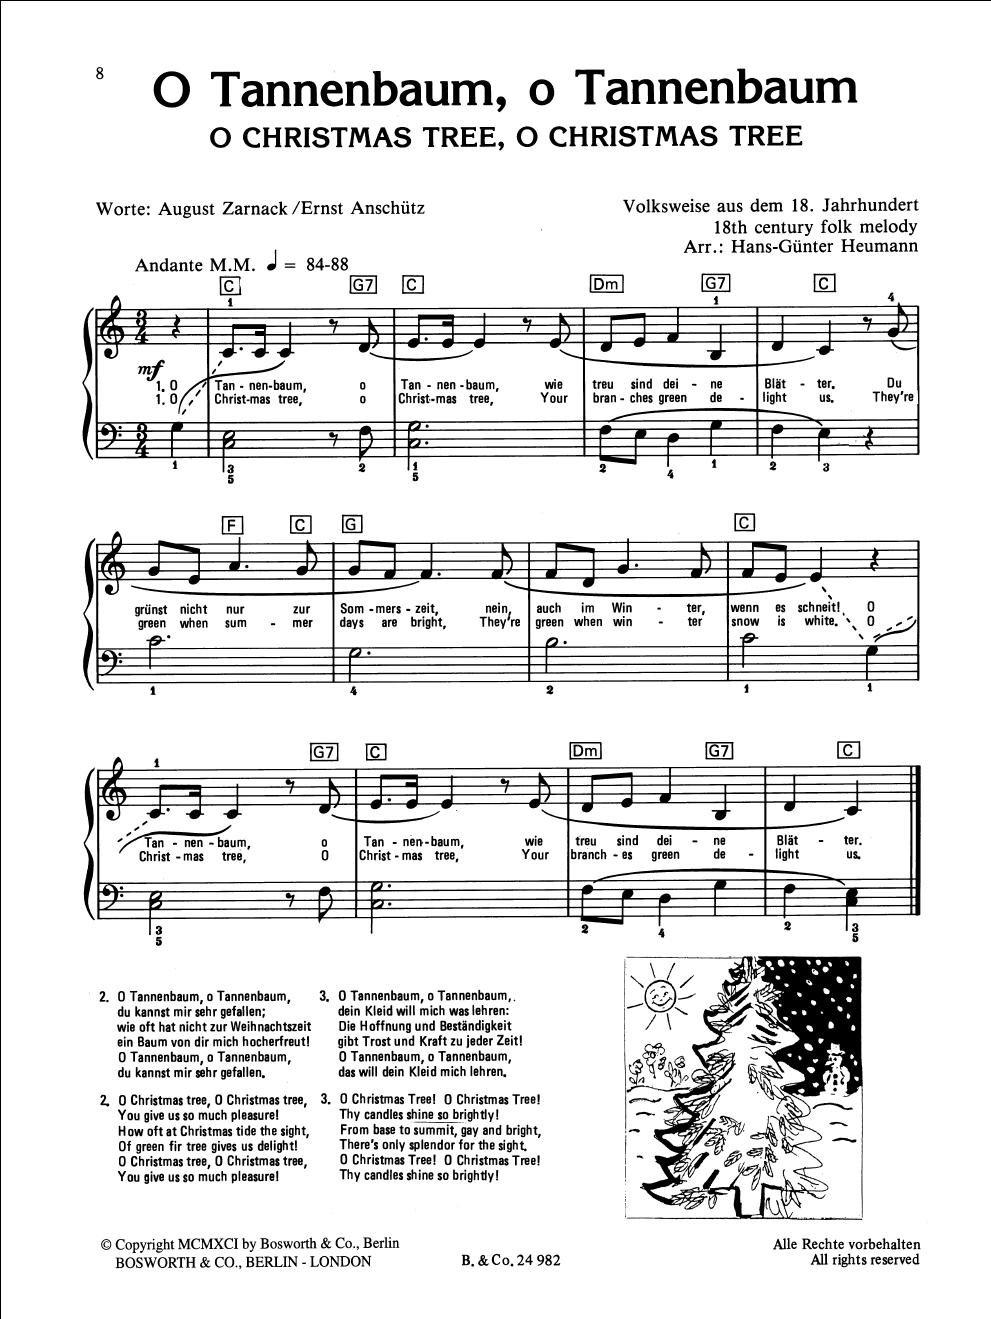 Oh Tannenbaum Text Englisch.Children S Christmas Piano Amazon Co Uk Hans Gunter Heumann